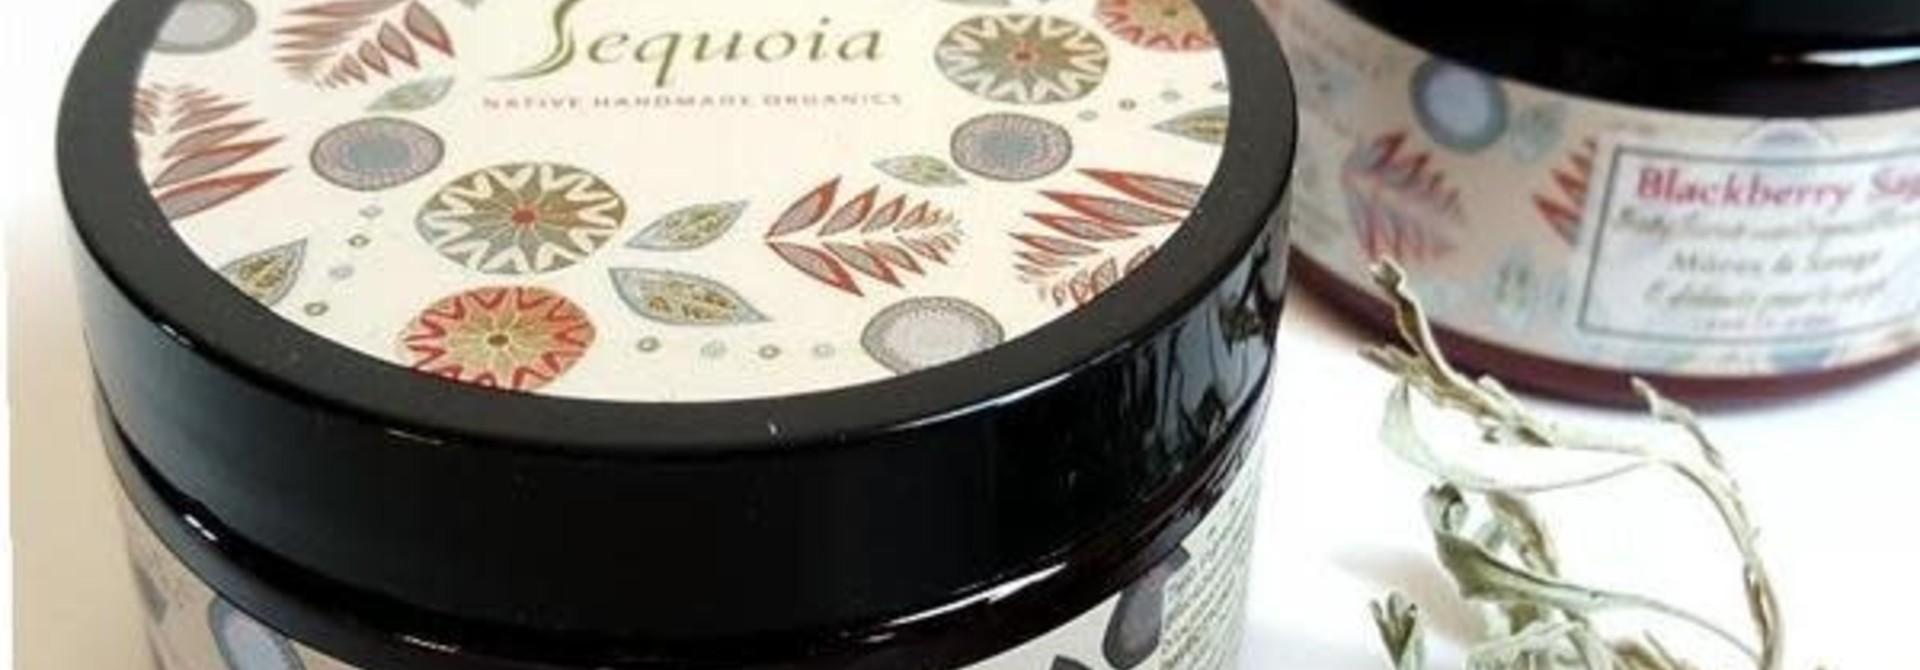 Sequoia Blackberry Sage Body Scrub